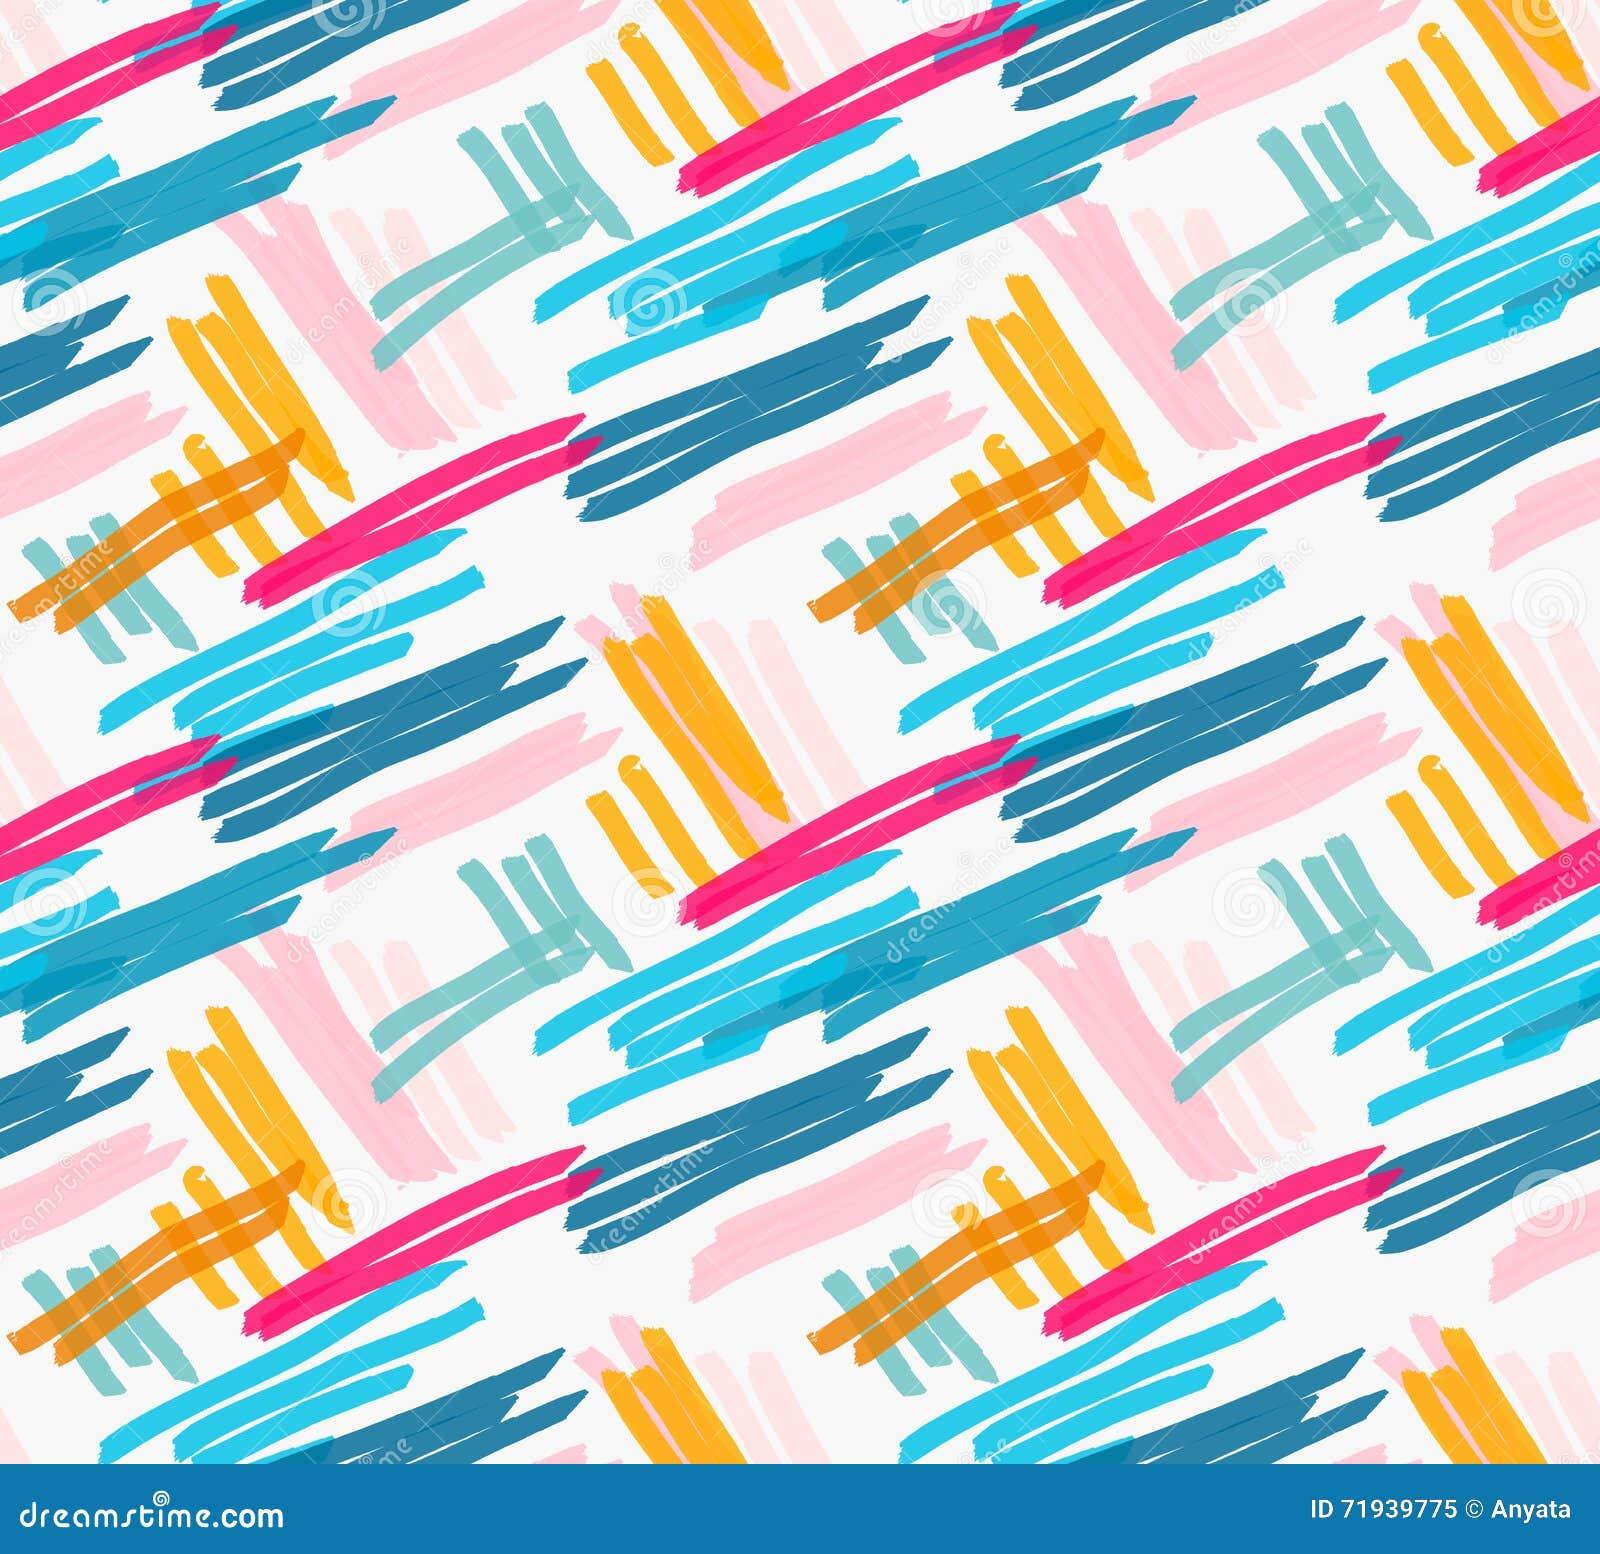 Люки нарисованные отметкой голубые и розовые раскосные